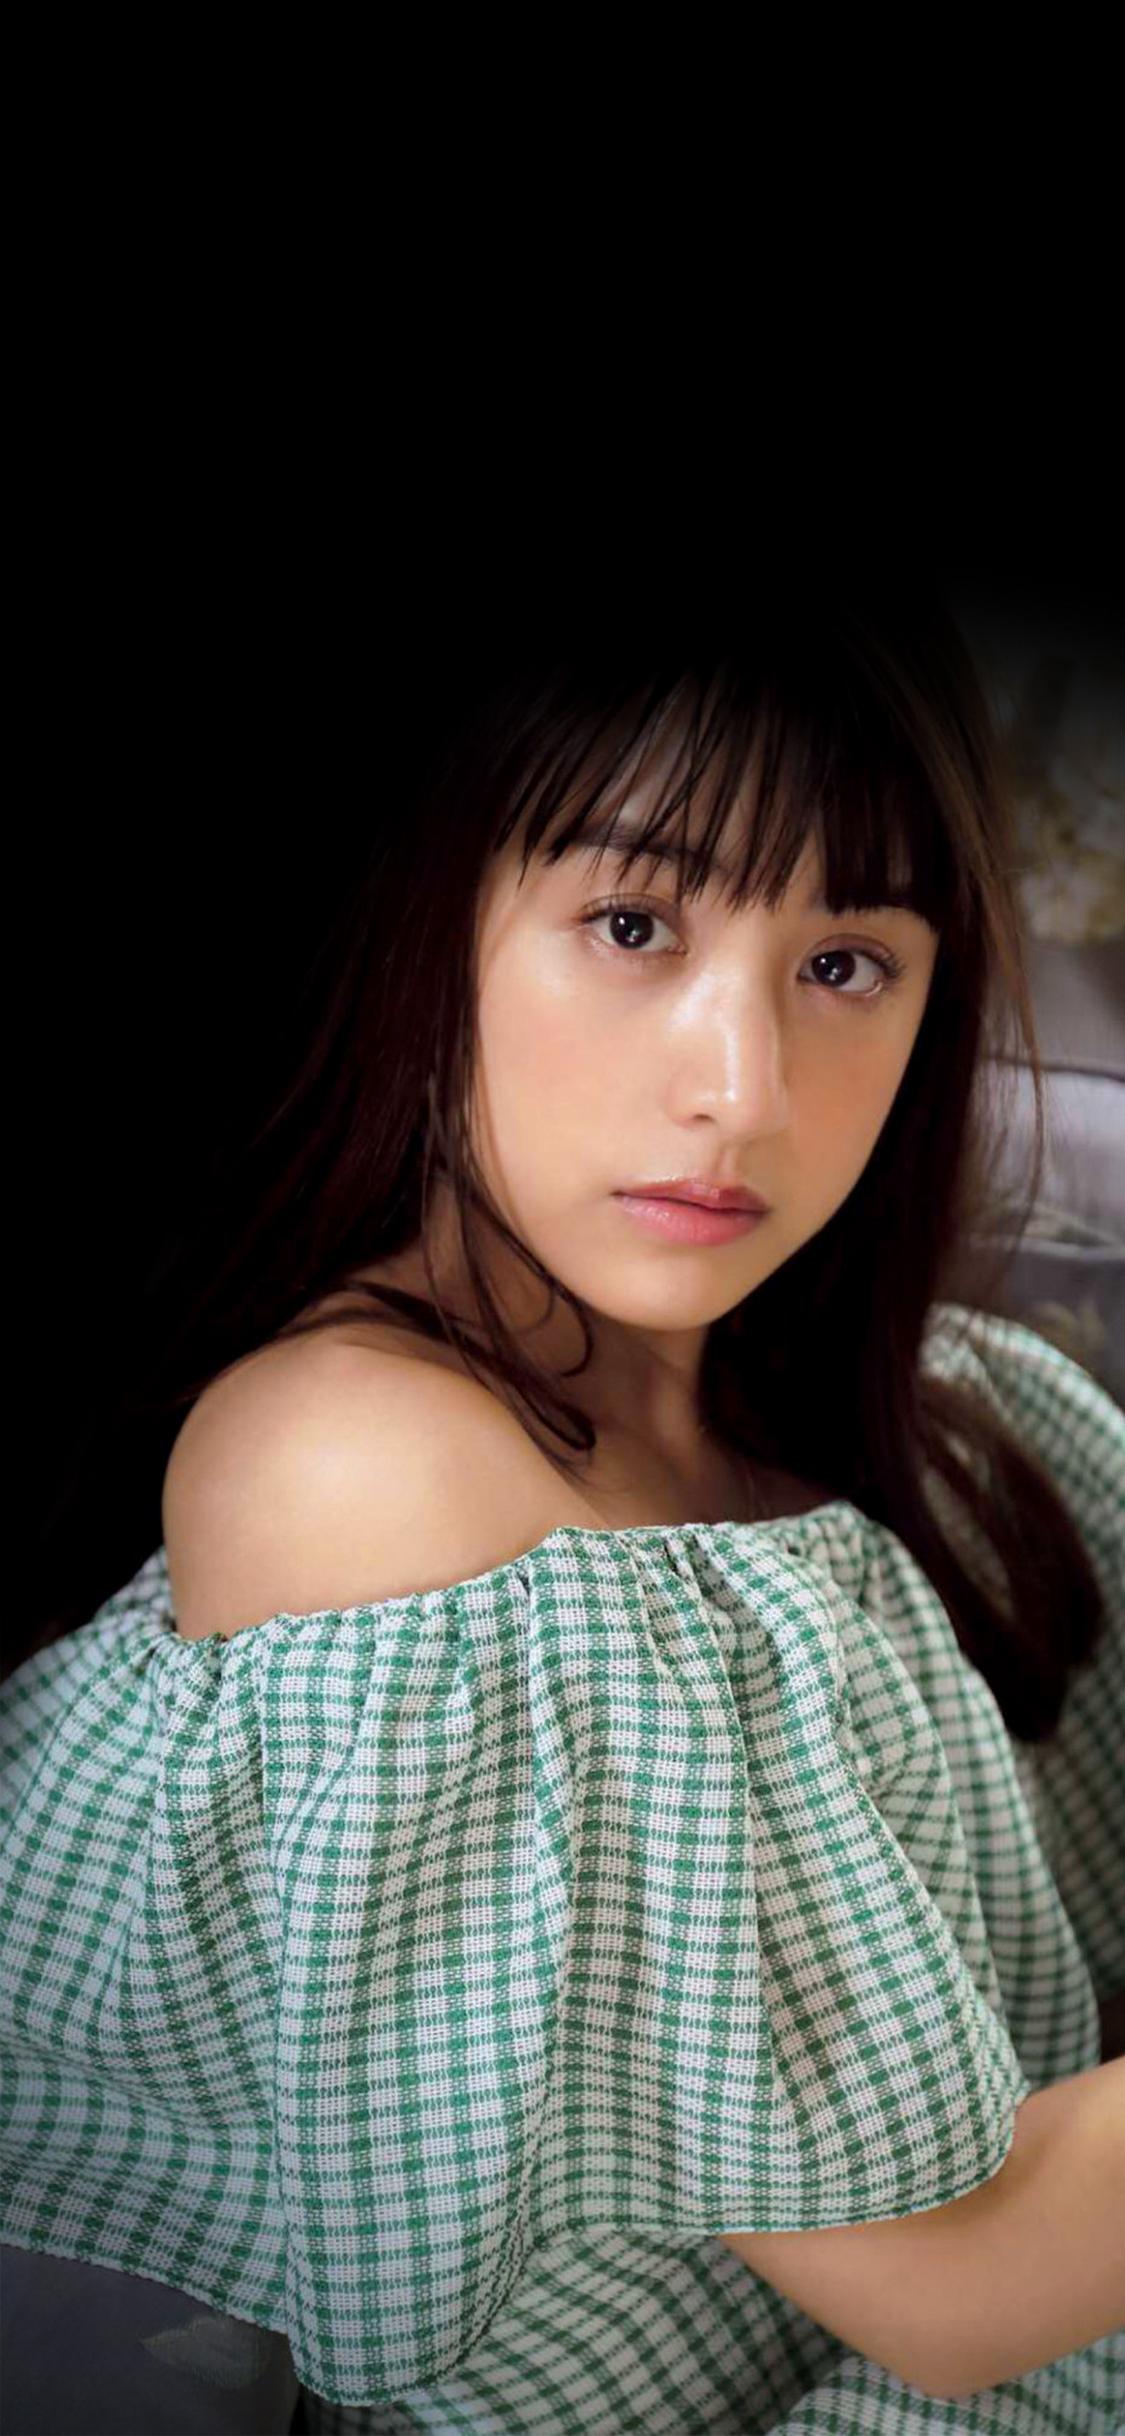 yamamoto_2436x1125_XS_18